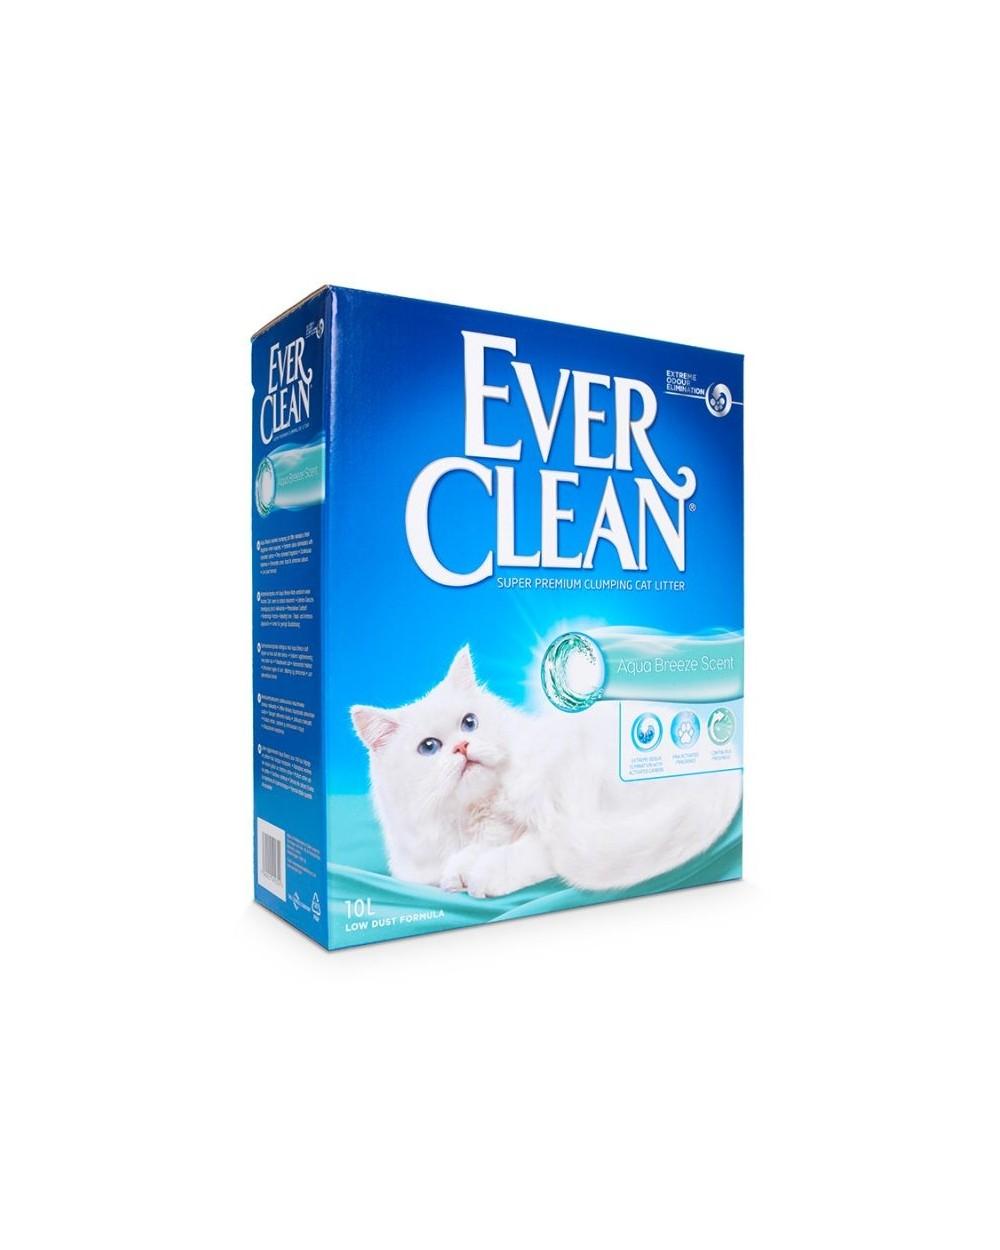 Ever Clean - Aqua Breeze